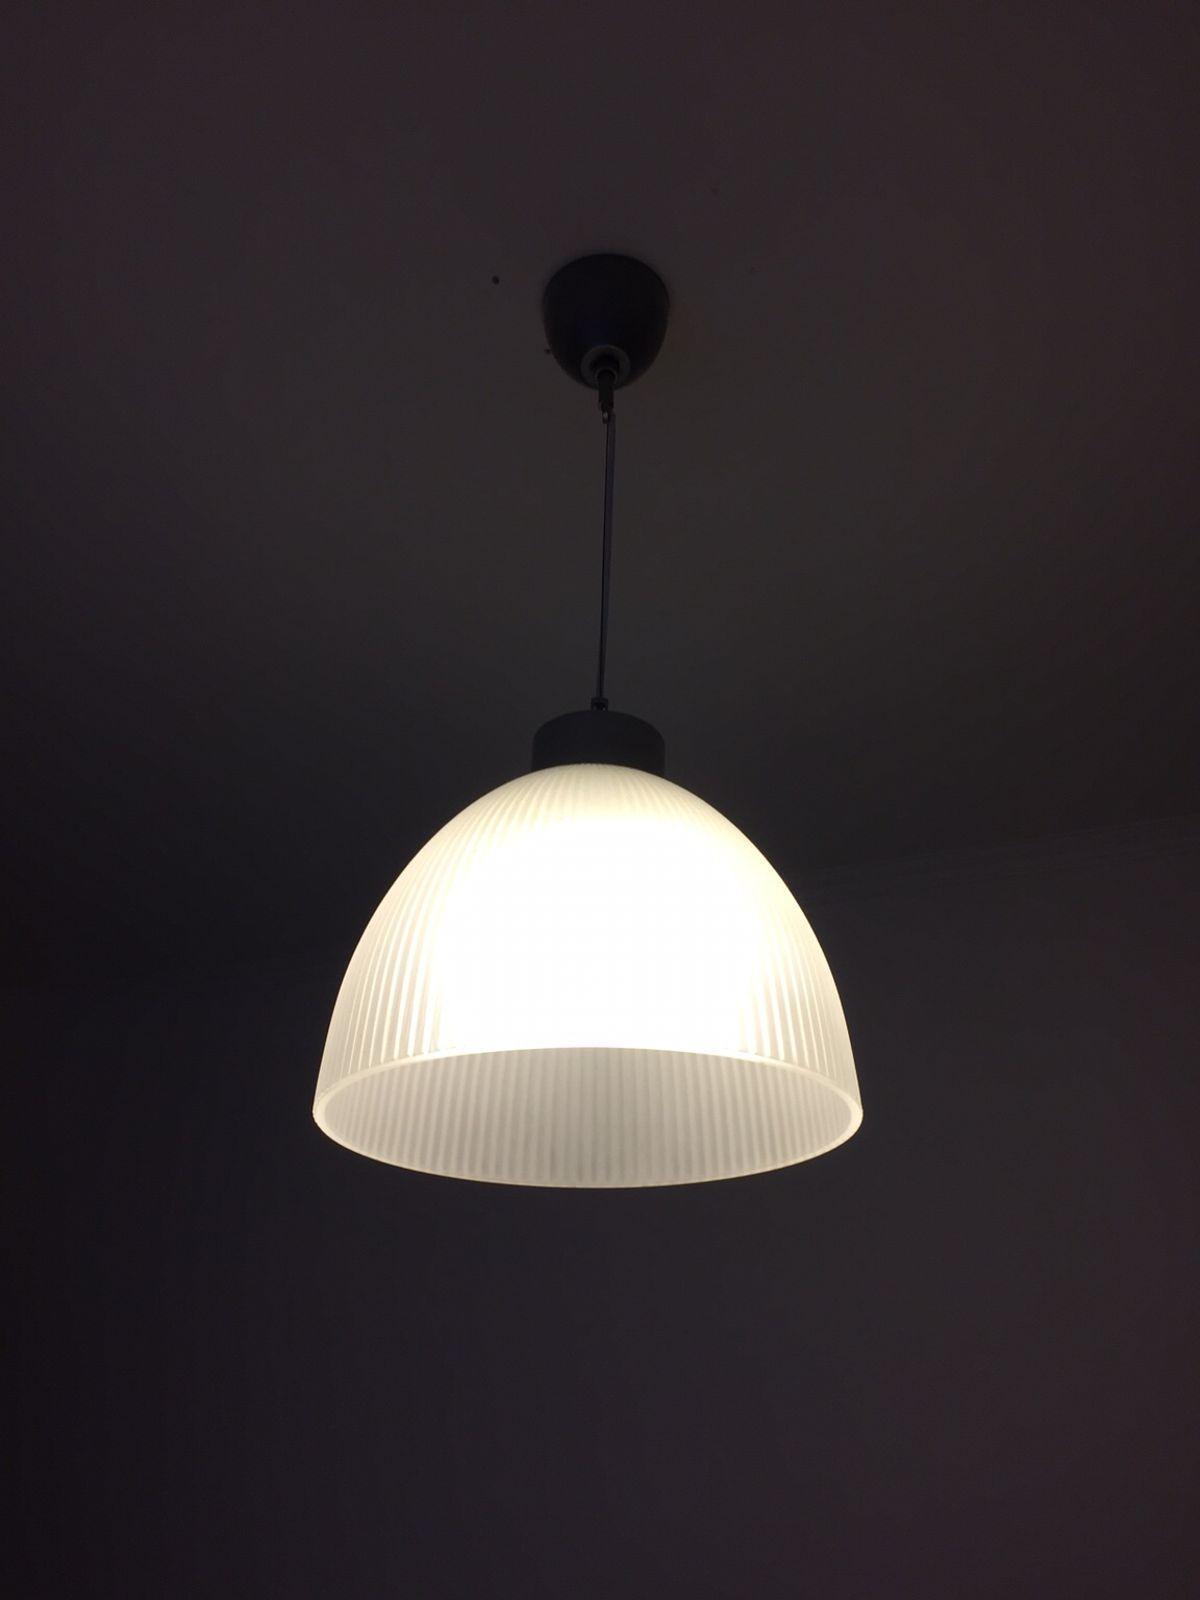 Ikea Hängelampe Schwarz